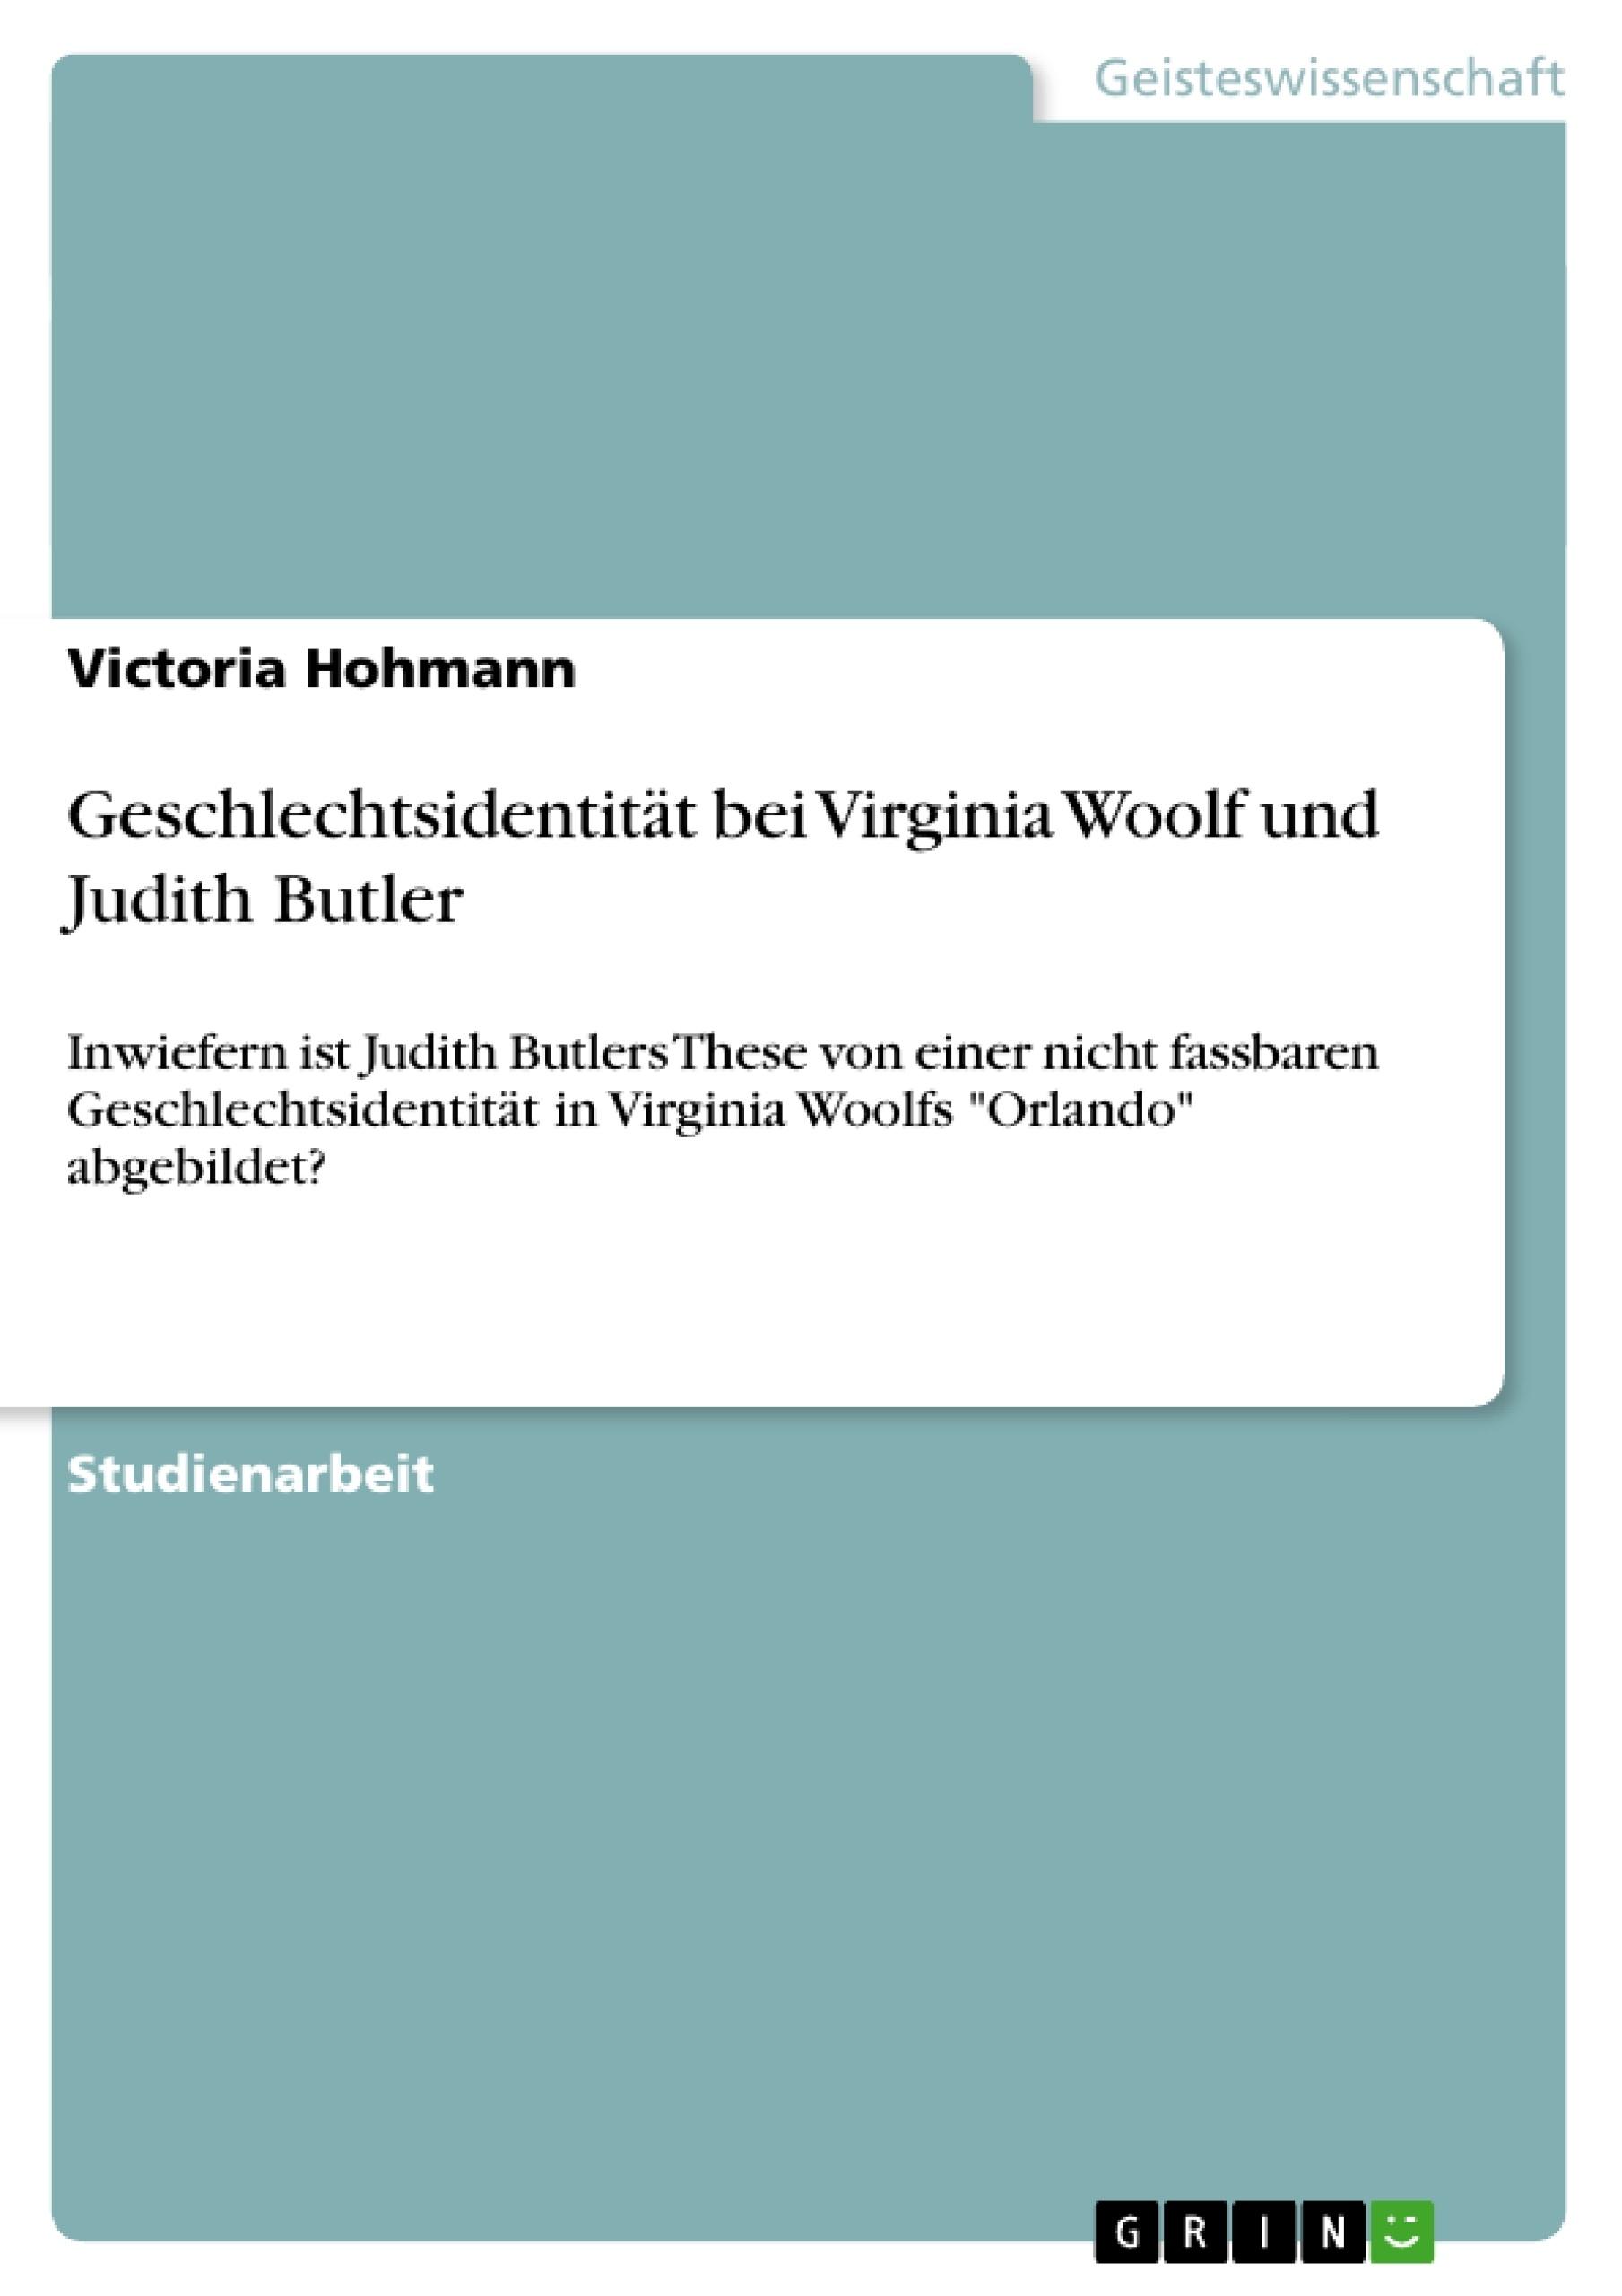 Titel: Geschlechtsidentität bei Virginia Woolf und Judith Butler